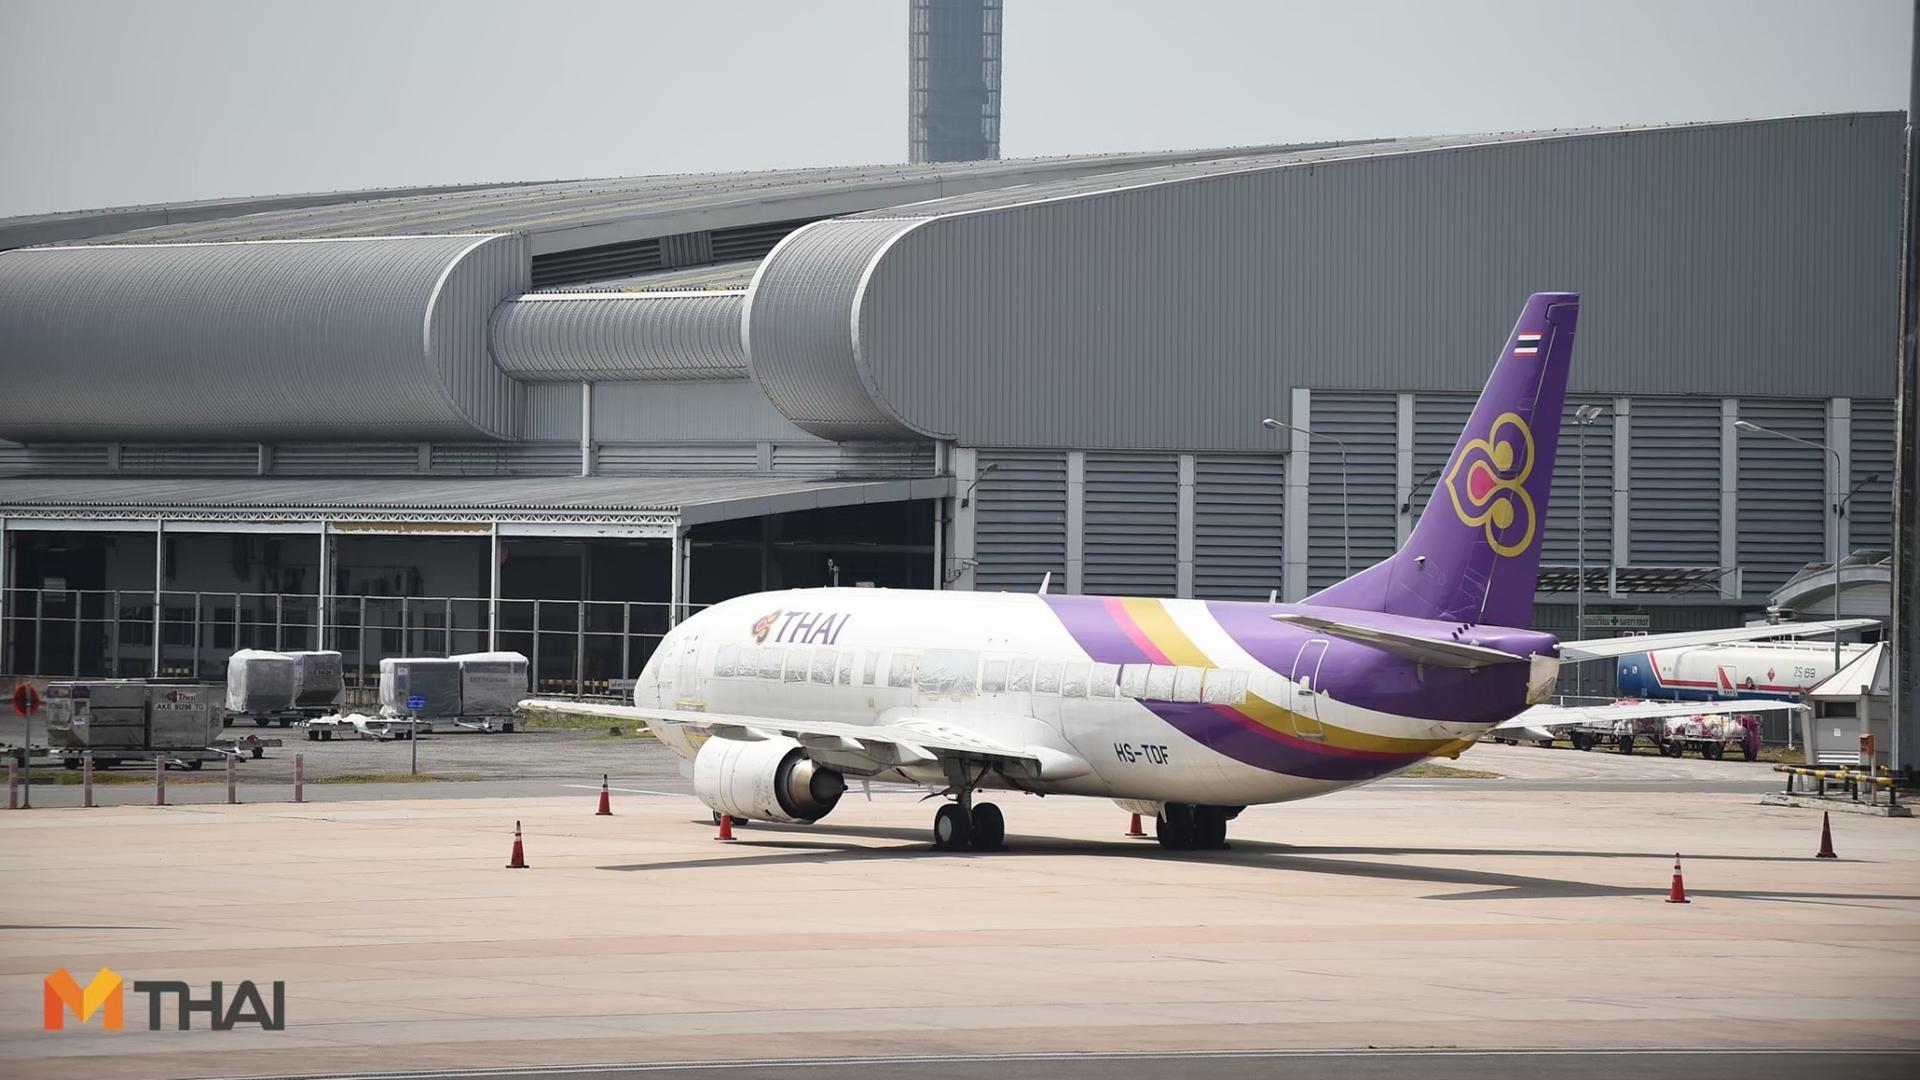 การบินไทย ฟื้นฟูกิจการการบินไทย ศาลล้มละลายกลาง